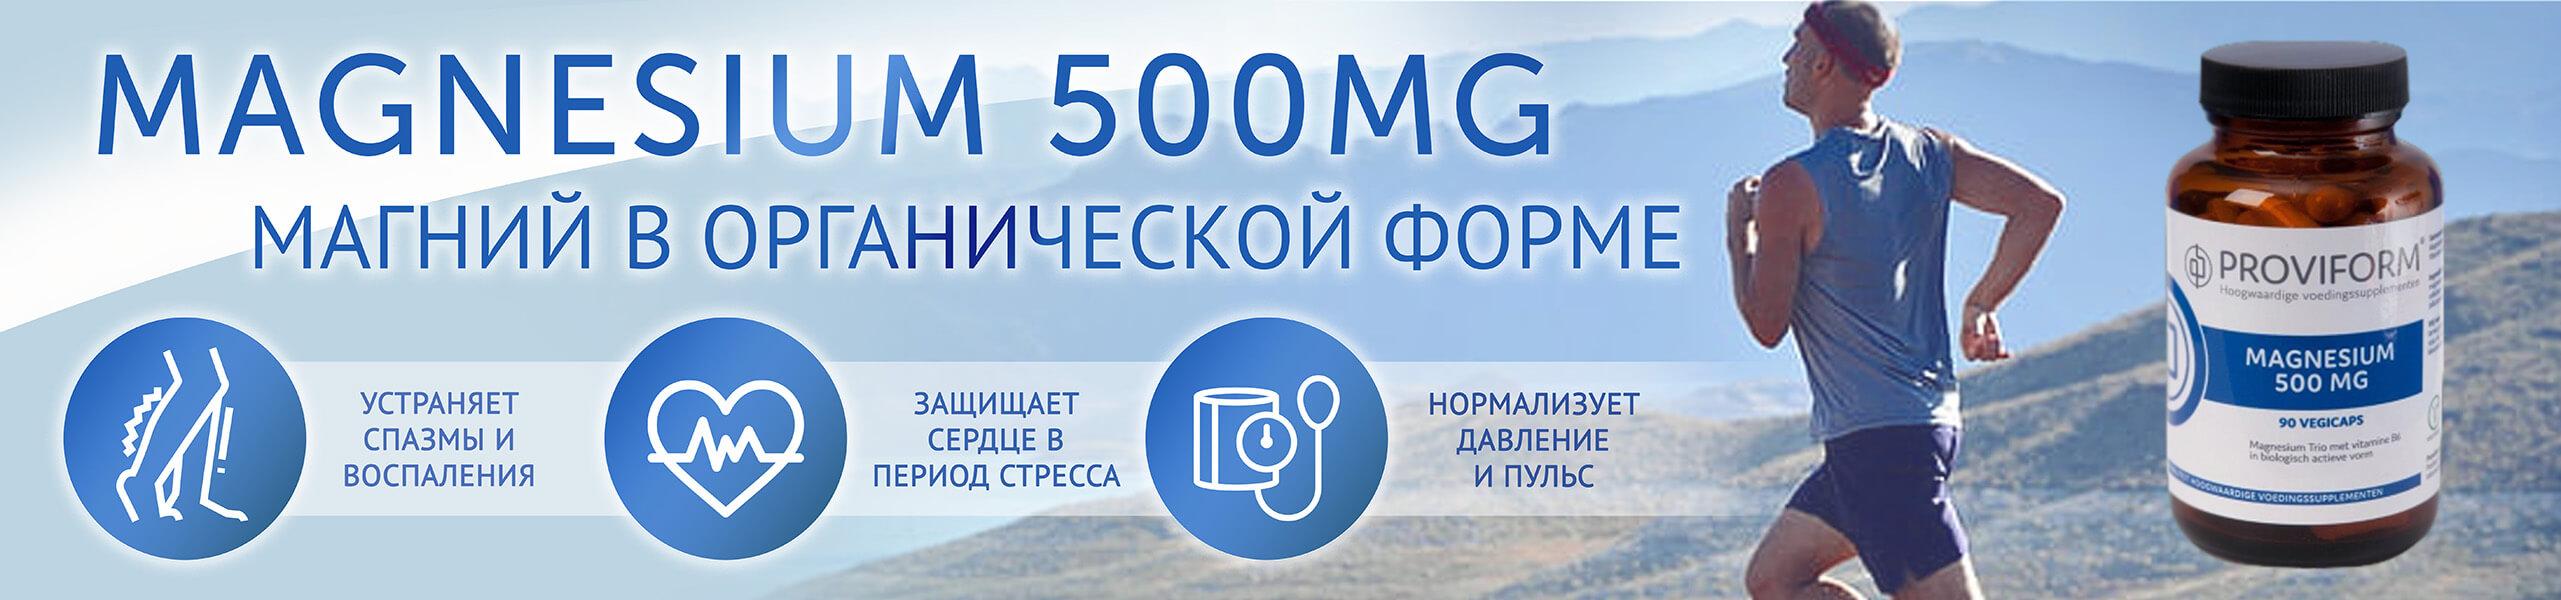 Magnesium organic Proviform витамины высшего качества